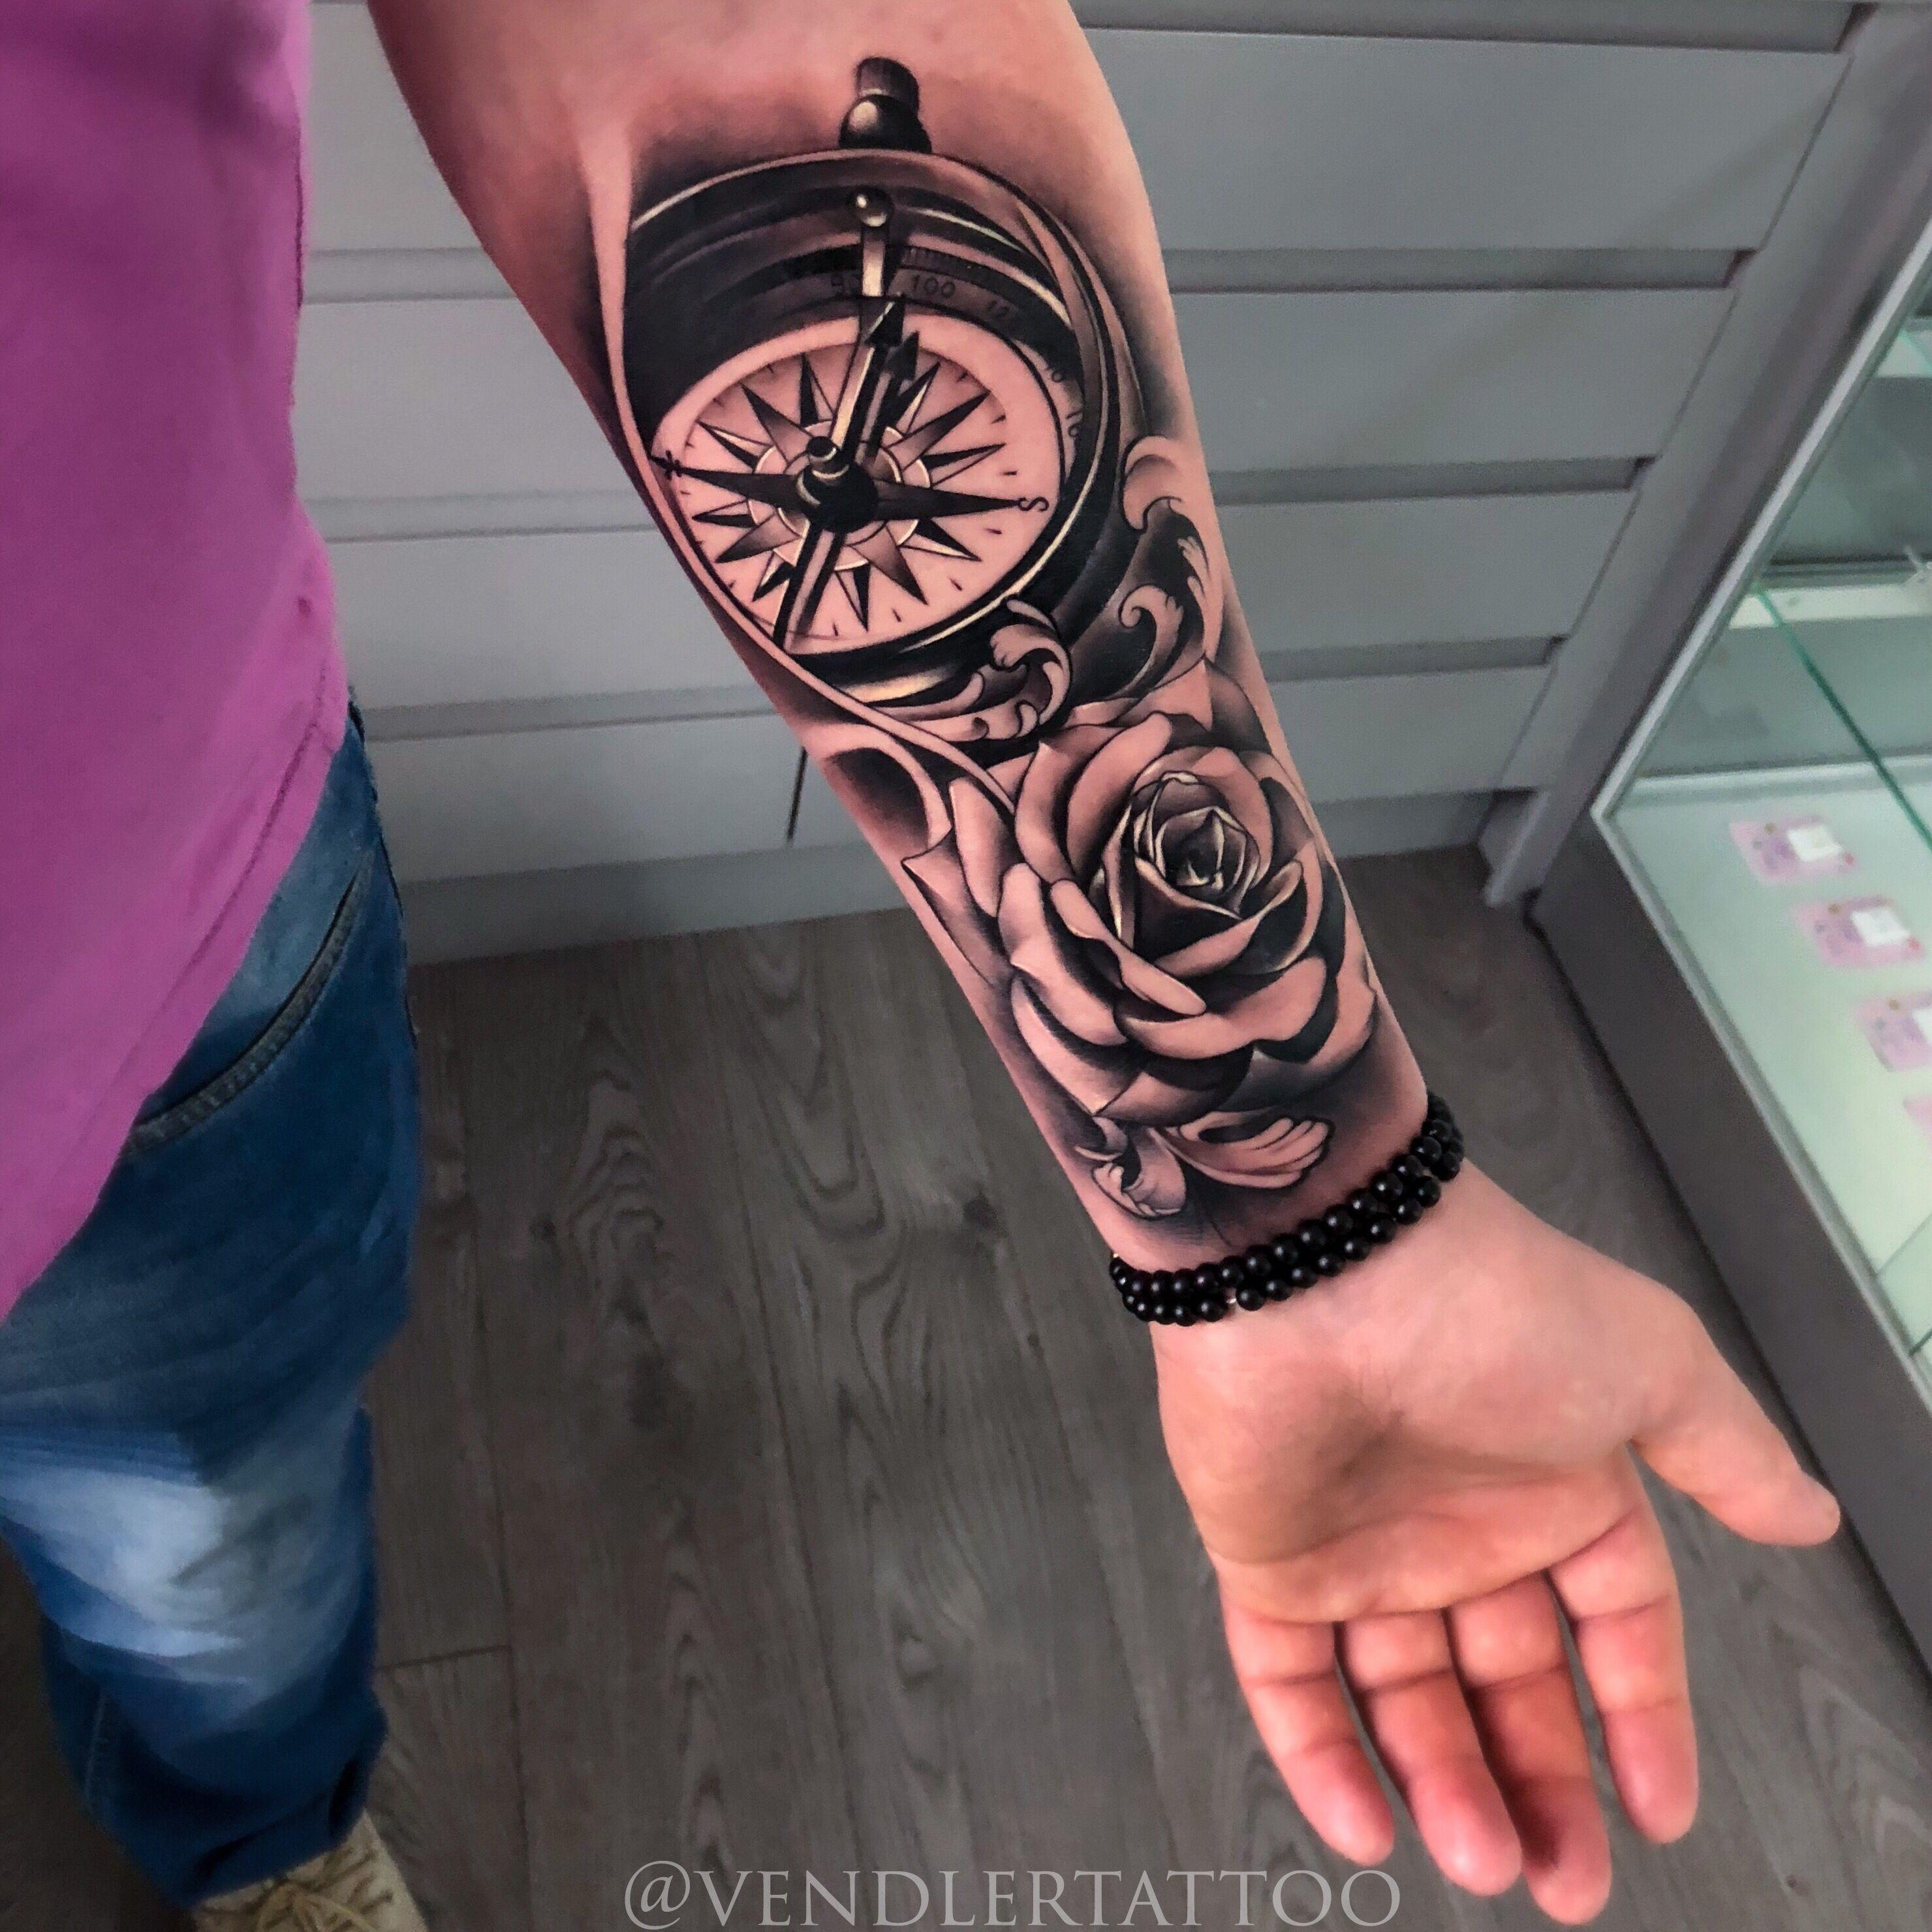 Mens Sleeve Tattoos Rose Tattoo Compass Tattoo Tattoo Design Tinytattoos Rose Tattoo Sleeve Half Sleeve Tattoo Rose Tattoos For Men